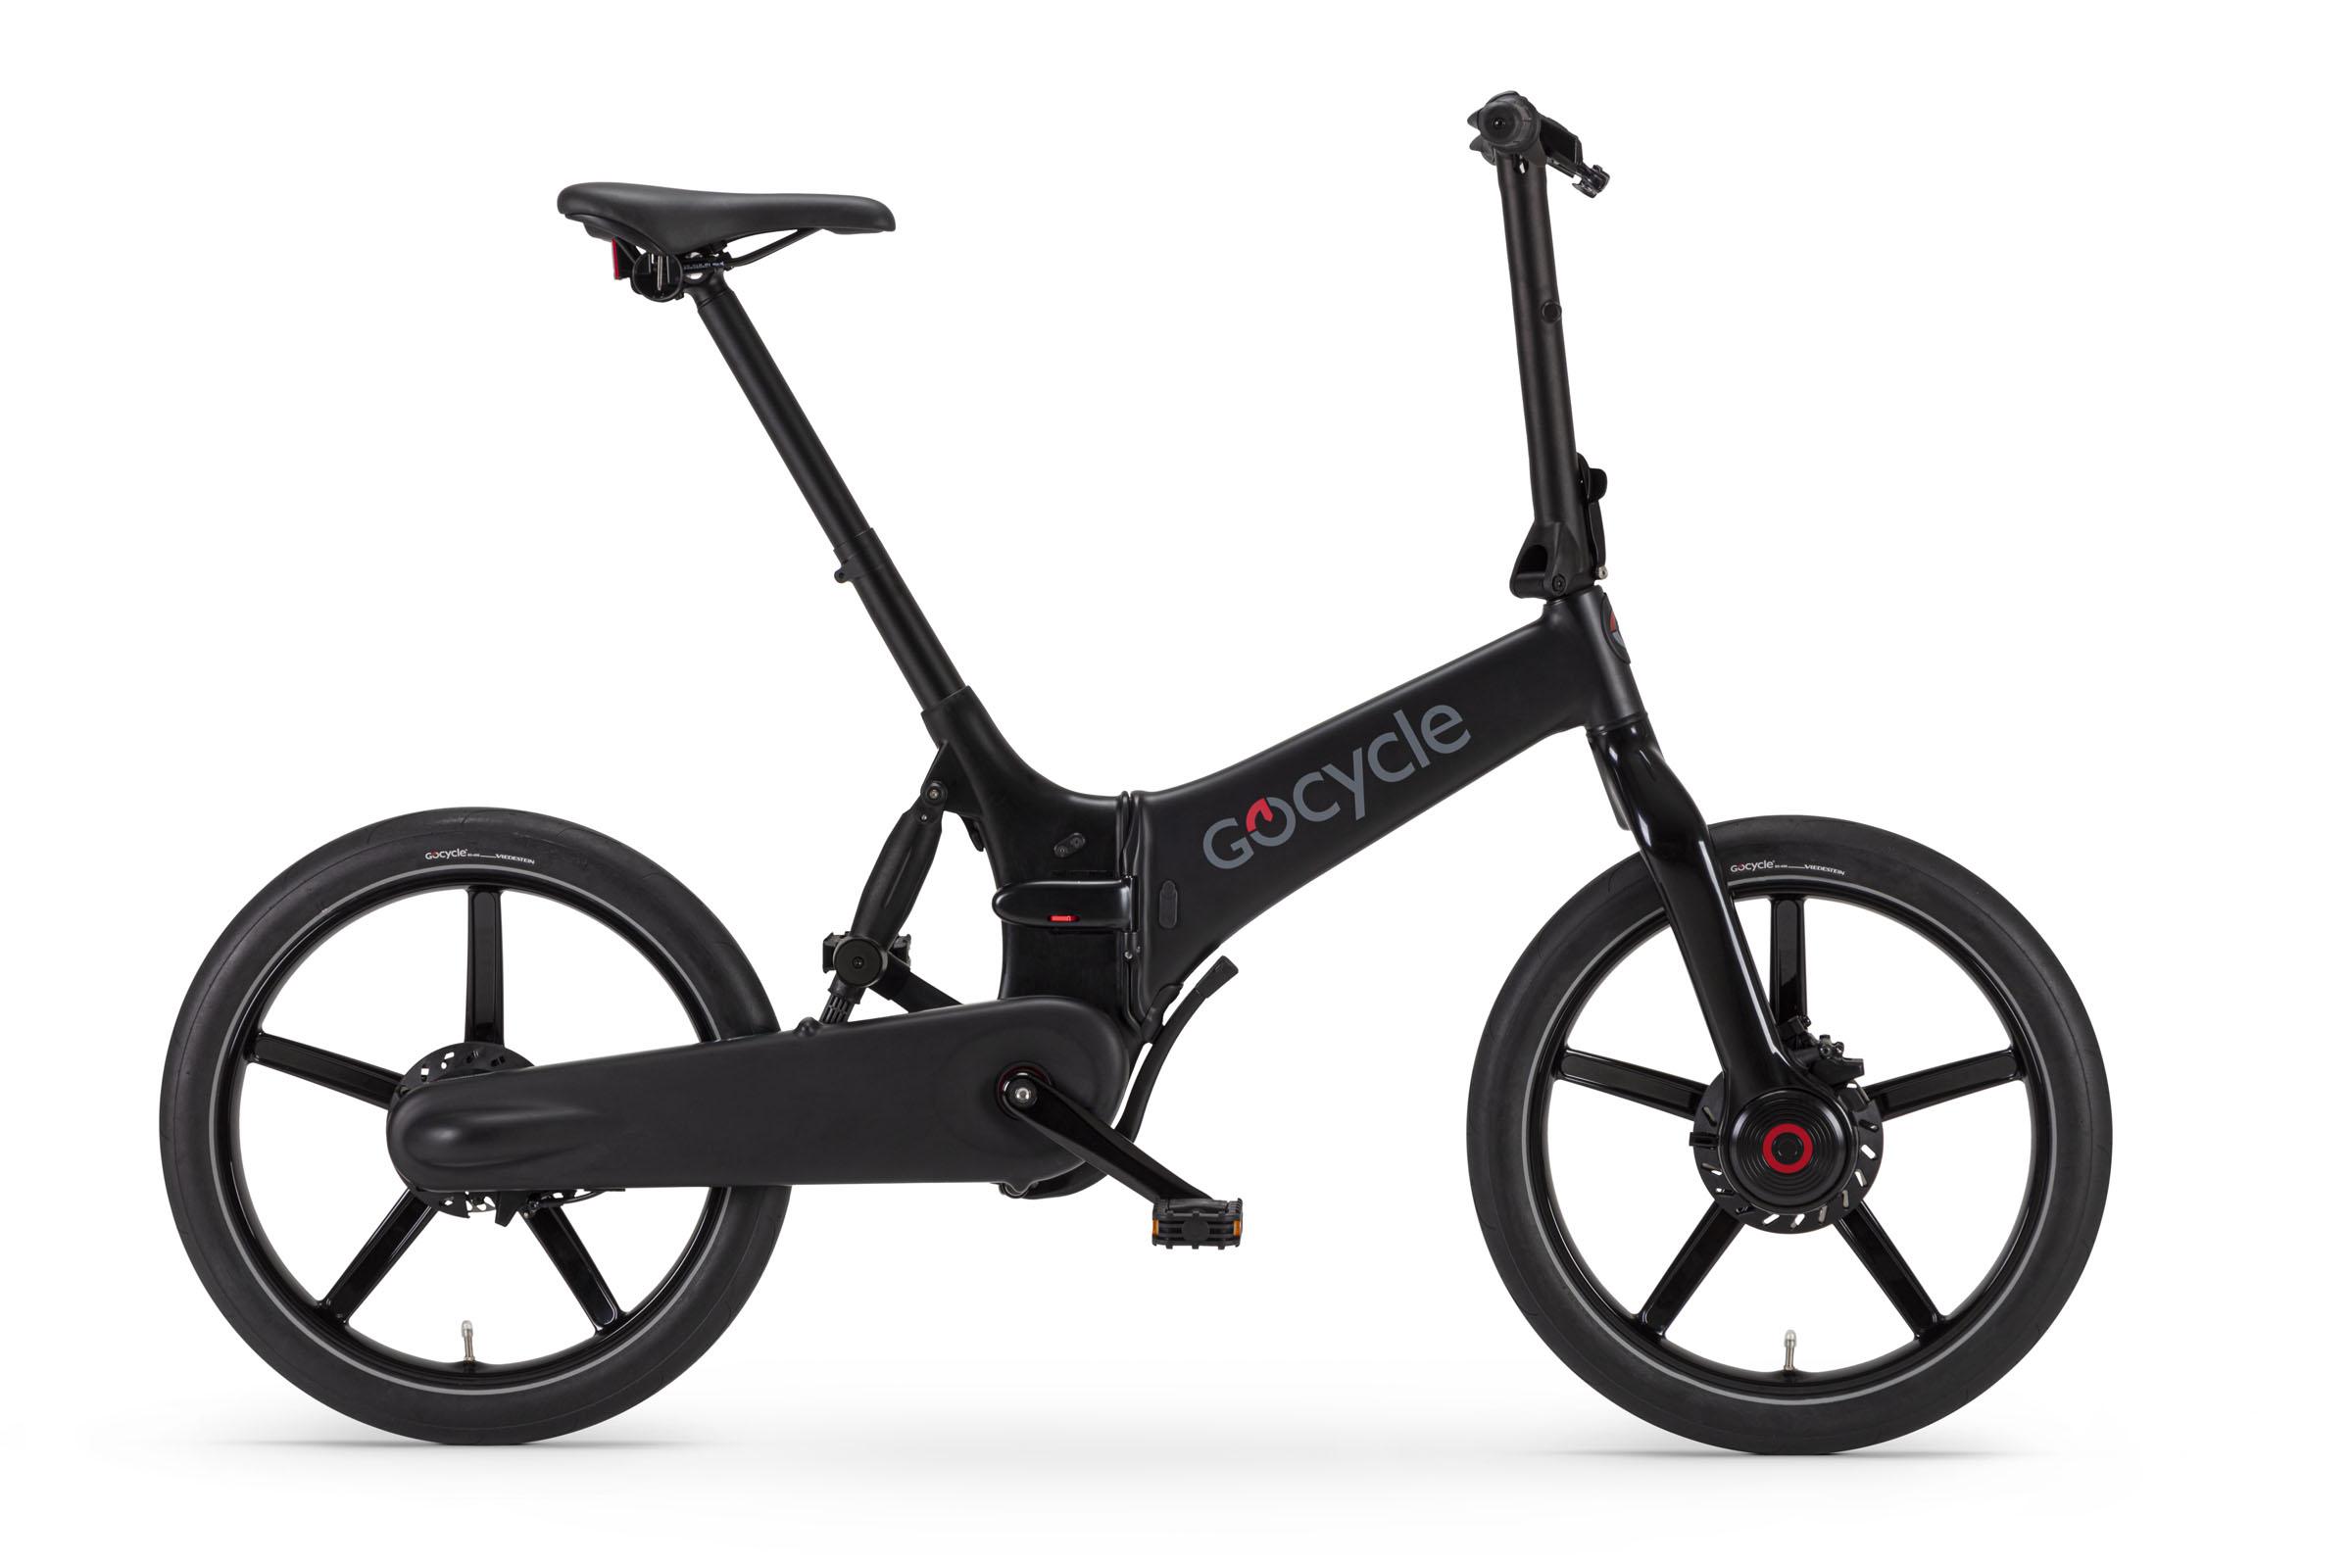 Gocycle G4 vélo électrique pliant